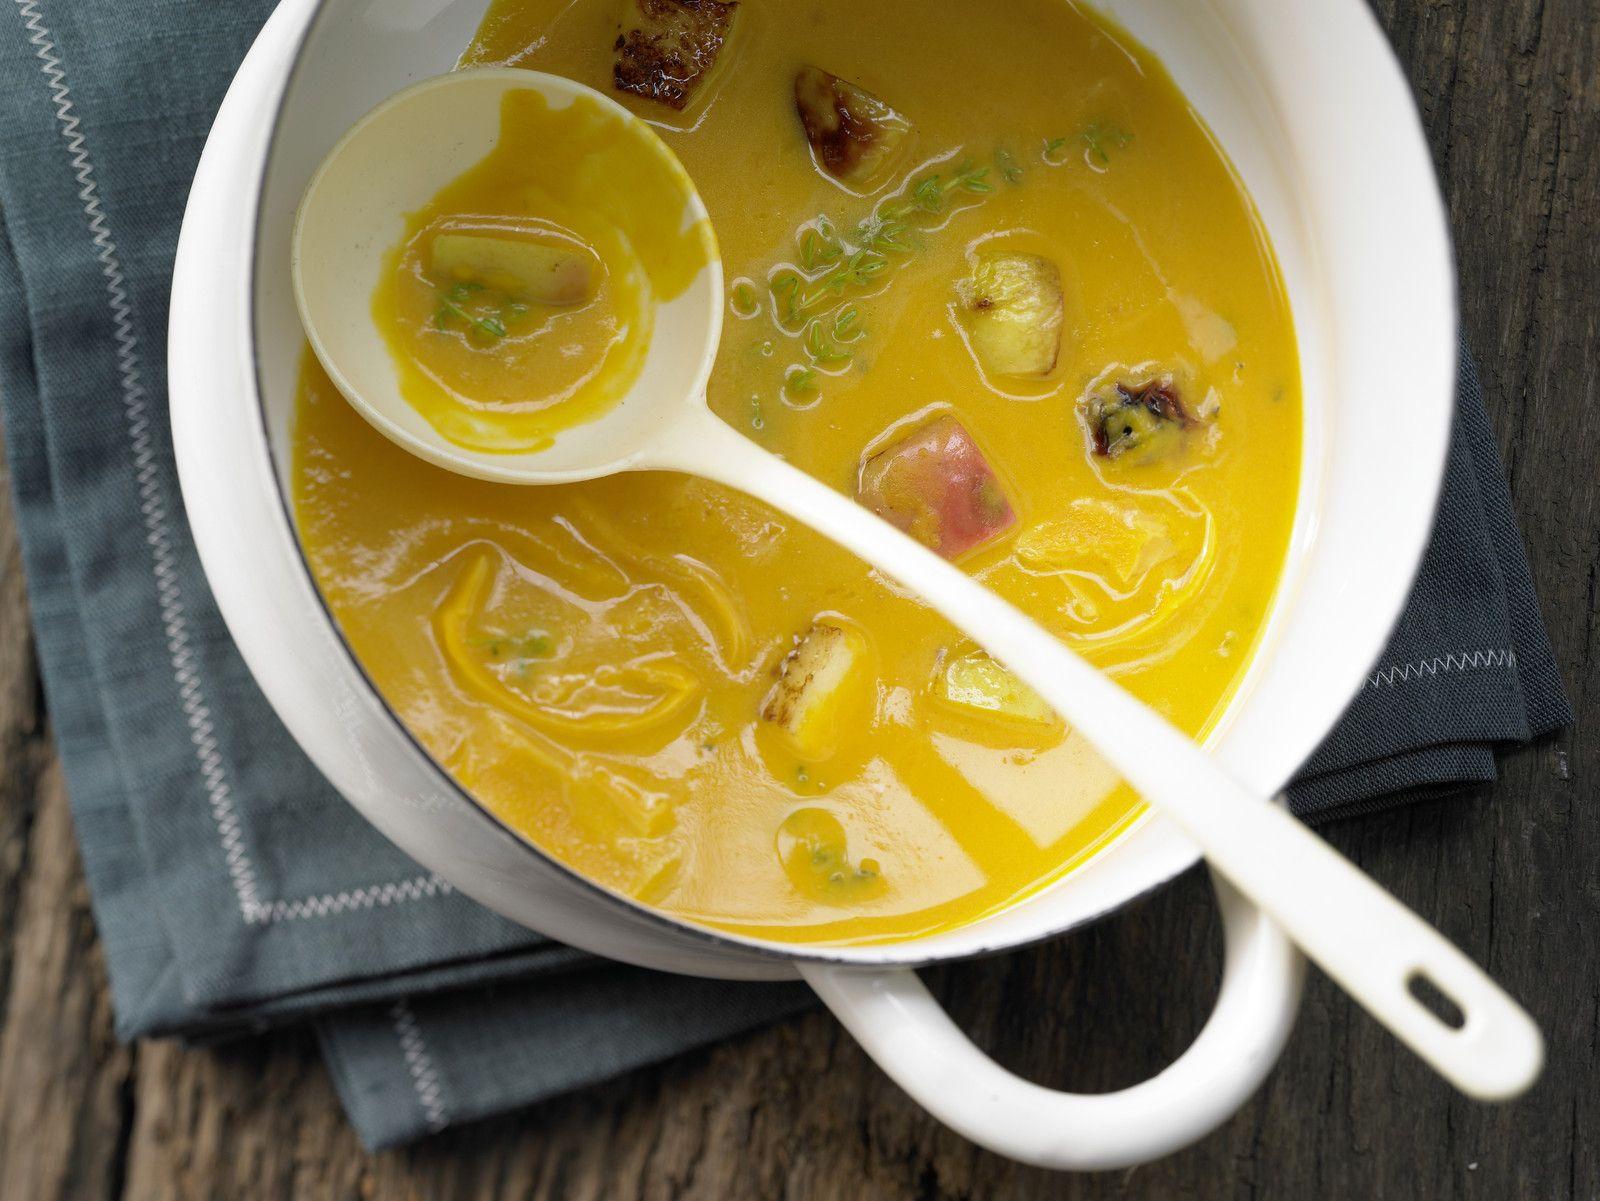 Kürbis-Möhren-Suppe mit gebratenem Apfel und Cheddar-Käse